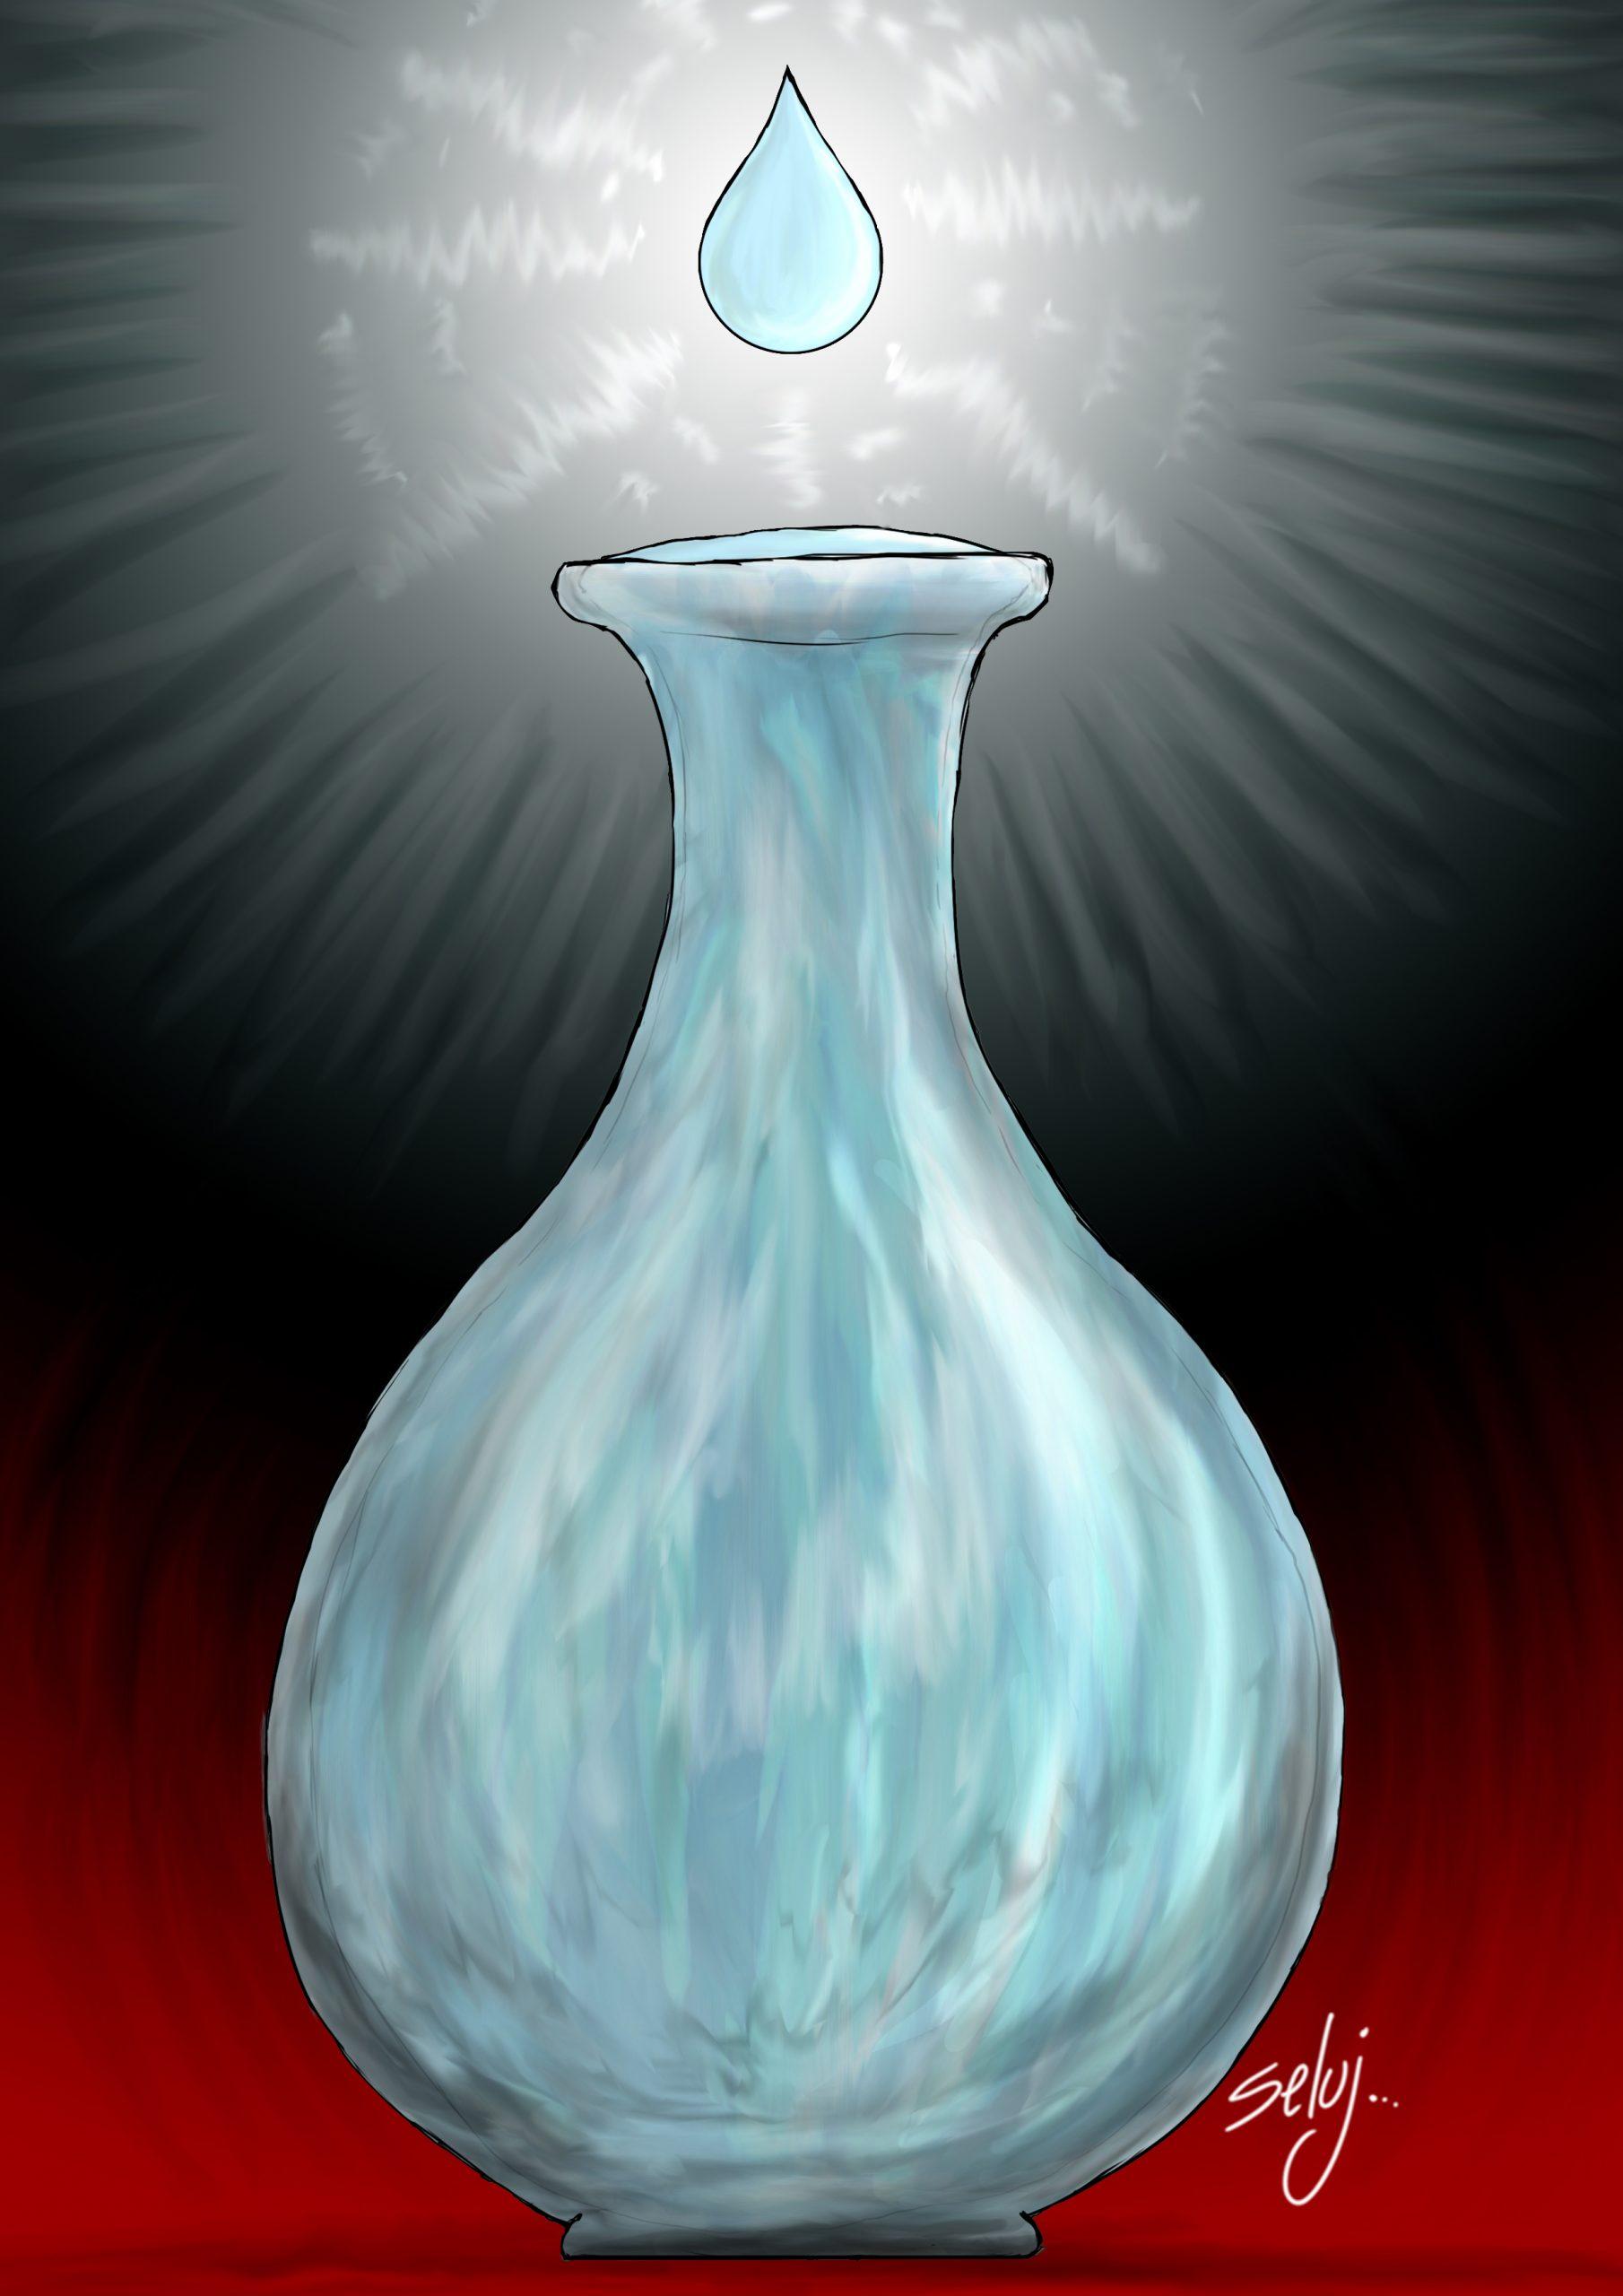 La goutte d'eau qui fait déborder le vase